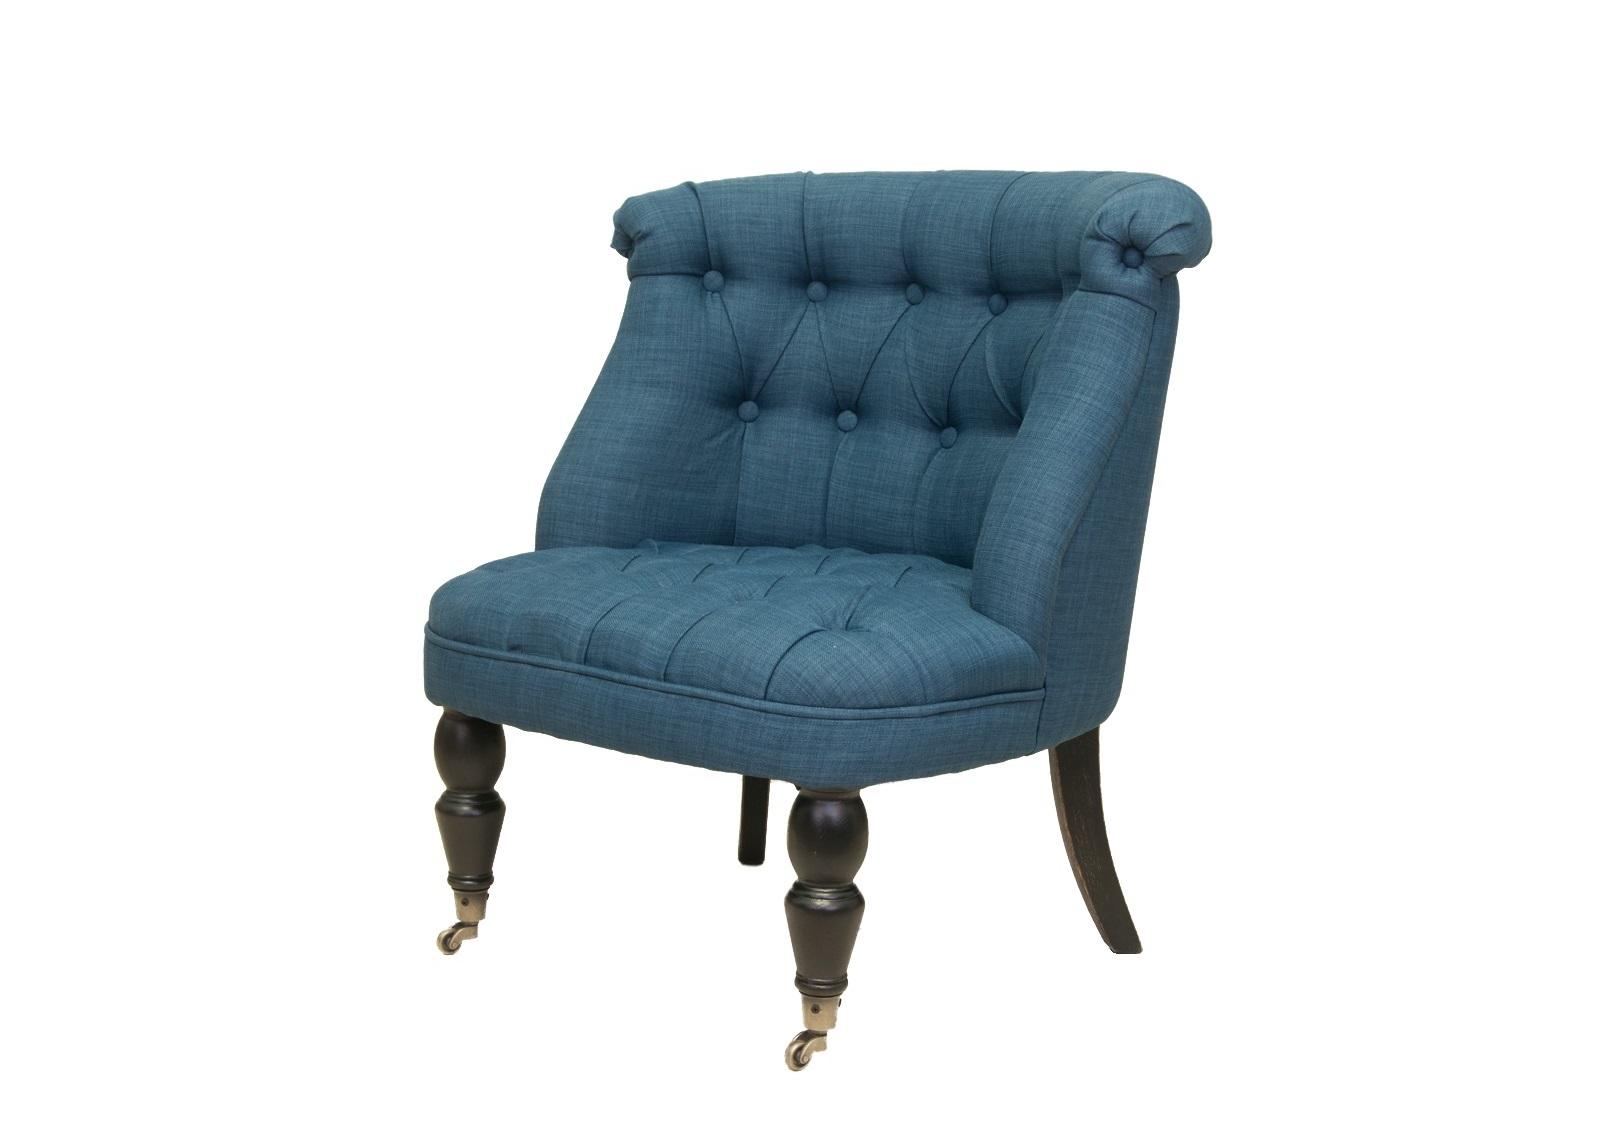 Кресло Aviana indigoПолукресла<br>&amp;lt;div&amp;gt;Аккуратное кресло в класссическом стиле покорит любого! Невысокая закругленная спинка эффектно украшенная обьемной стежкой и широкое мягкое сидение делают это кресло необычайно комфортным. Изделие сделано из натурального дуба, резные передние ножки оснащены небольшими колесиками для легкости перемещения. Такое милое кресло просто создано для того, чтобы дарить Вам тепло и уют.&amp;amp;nbsp;&amp;lt;/div&amp;gt;&amp;lt;div&amp;gt;&amp;lt;br&amp;gt;&amp;lt;/div&amp;gt;<br><br>Material: Лен<br>Width см: 70<br>Depth см: 70<br>Height см: 72